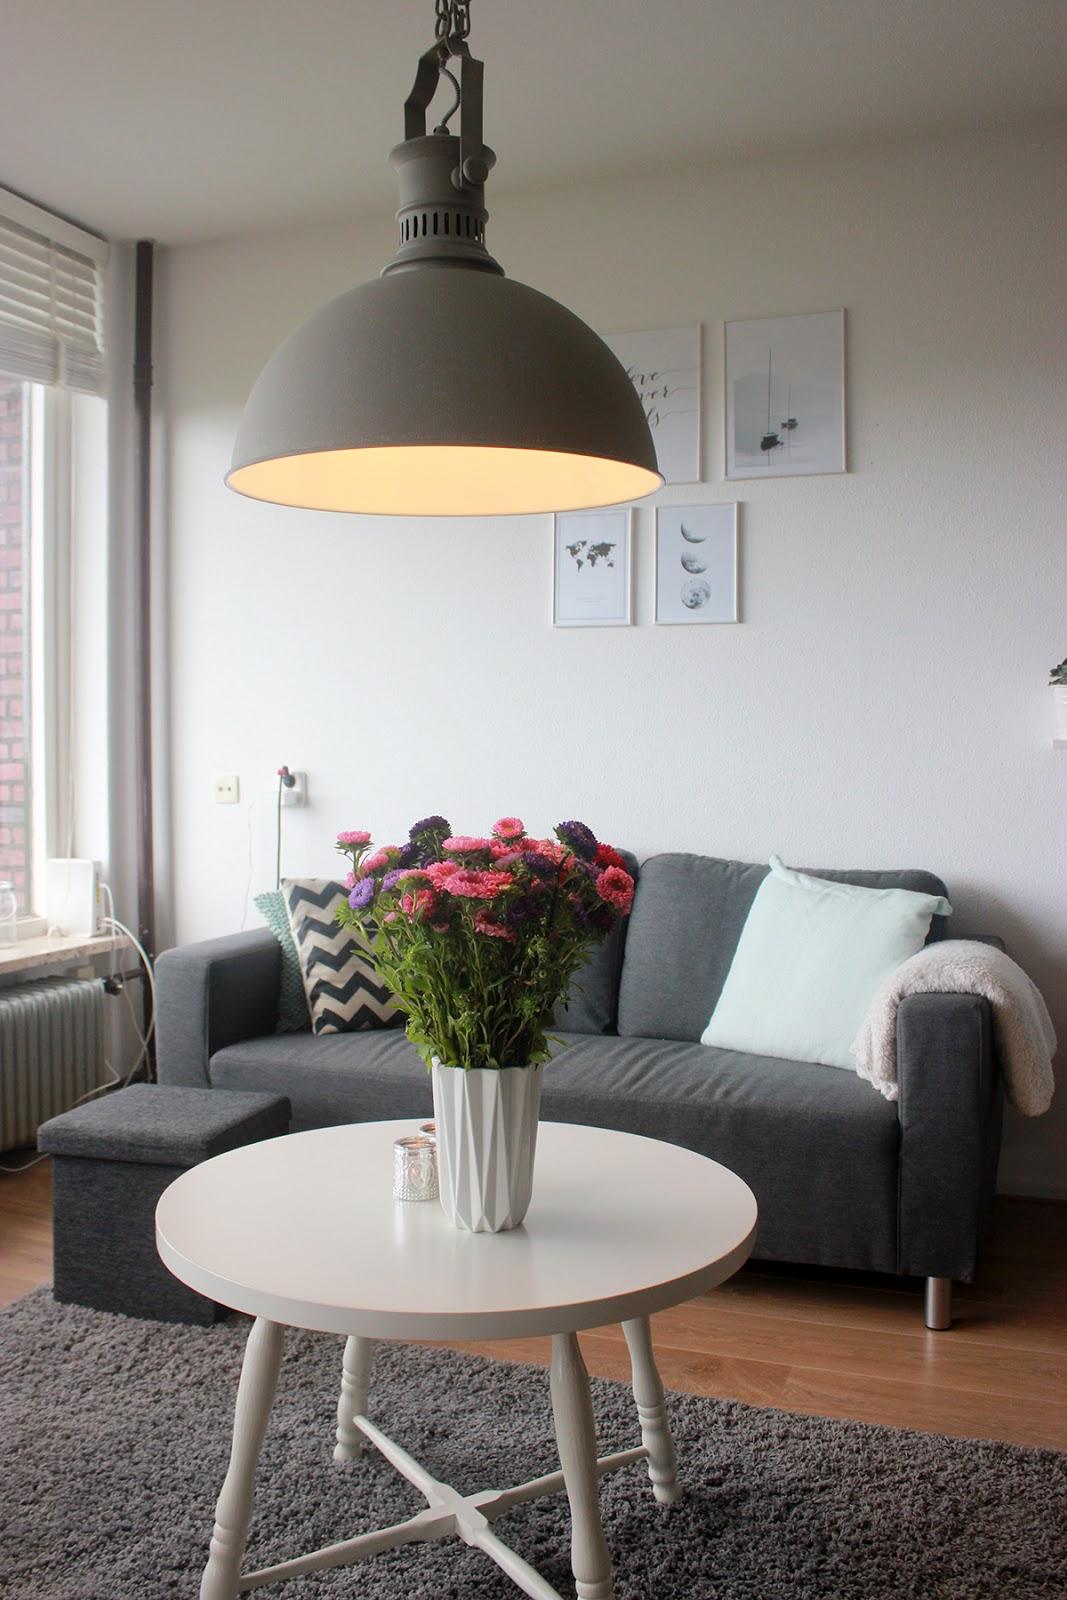 Een nieuwe lamp in de woonkamer - The Budget Life | Low-budget ...